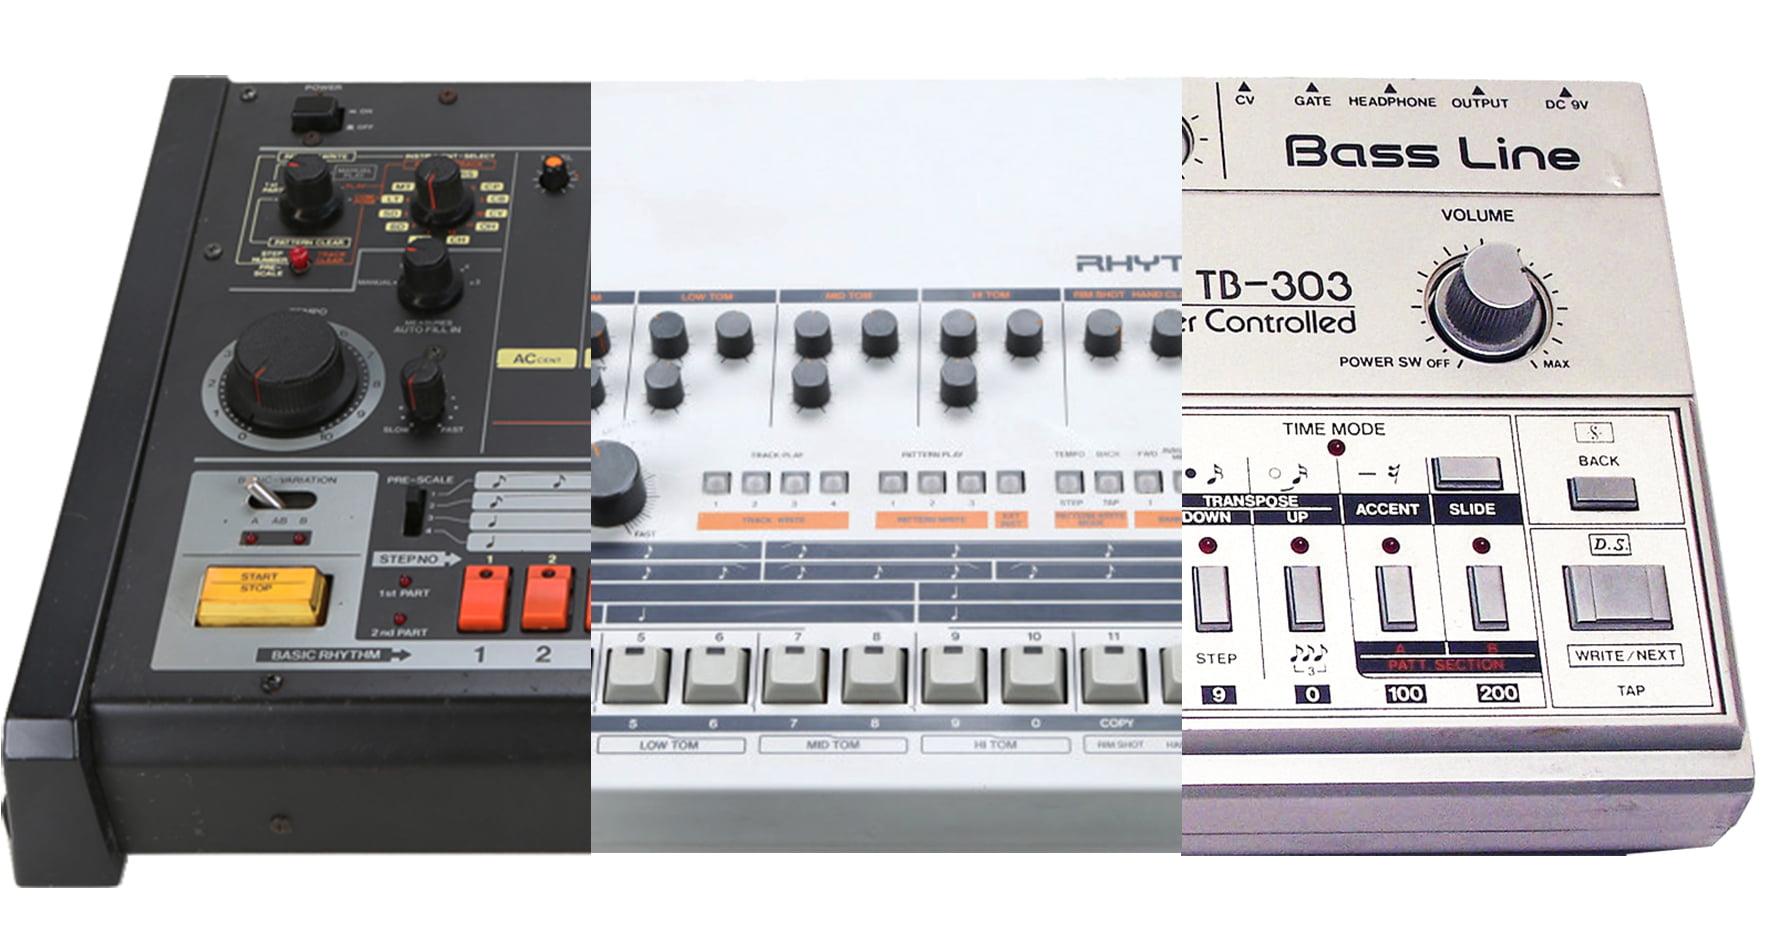 Divierte y aprende, 3 clásicos secuenciadores en tu navegador: Roland TR-808 / TR-909 / TB-303